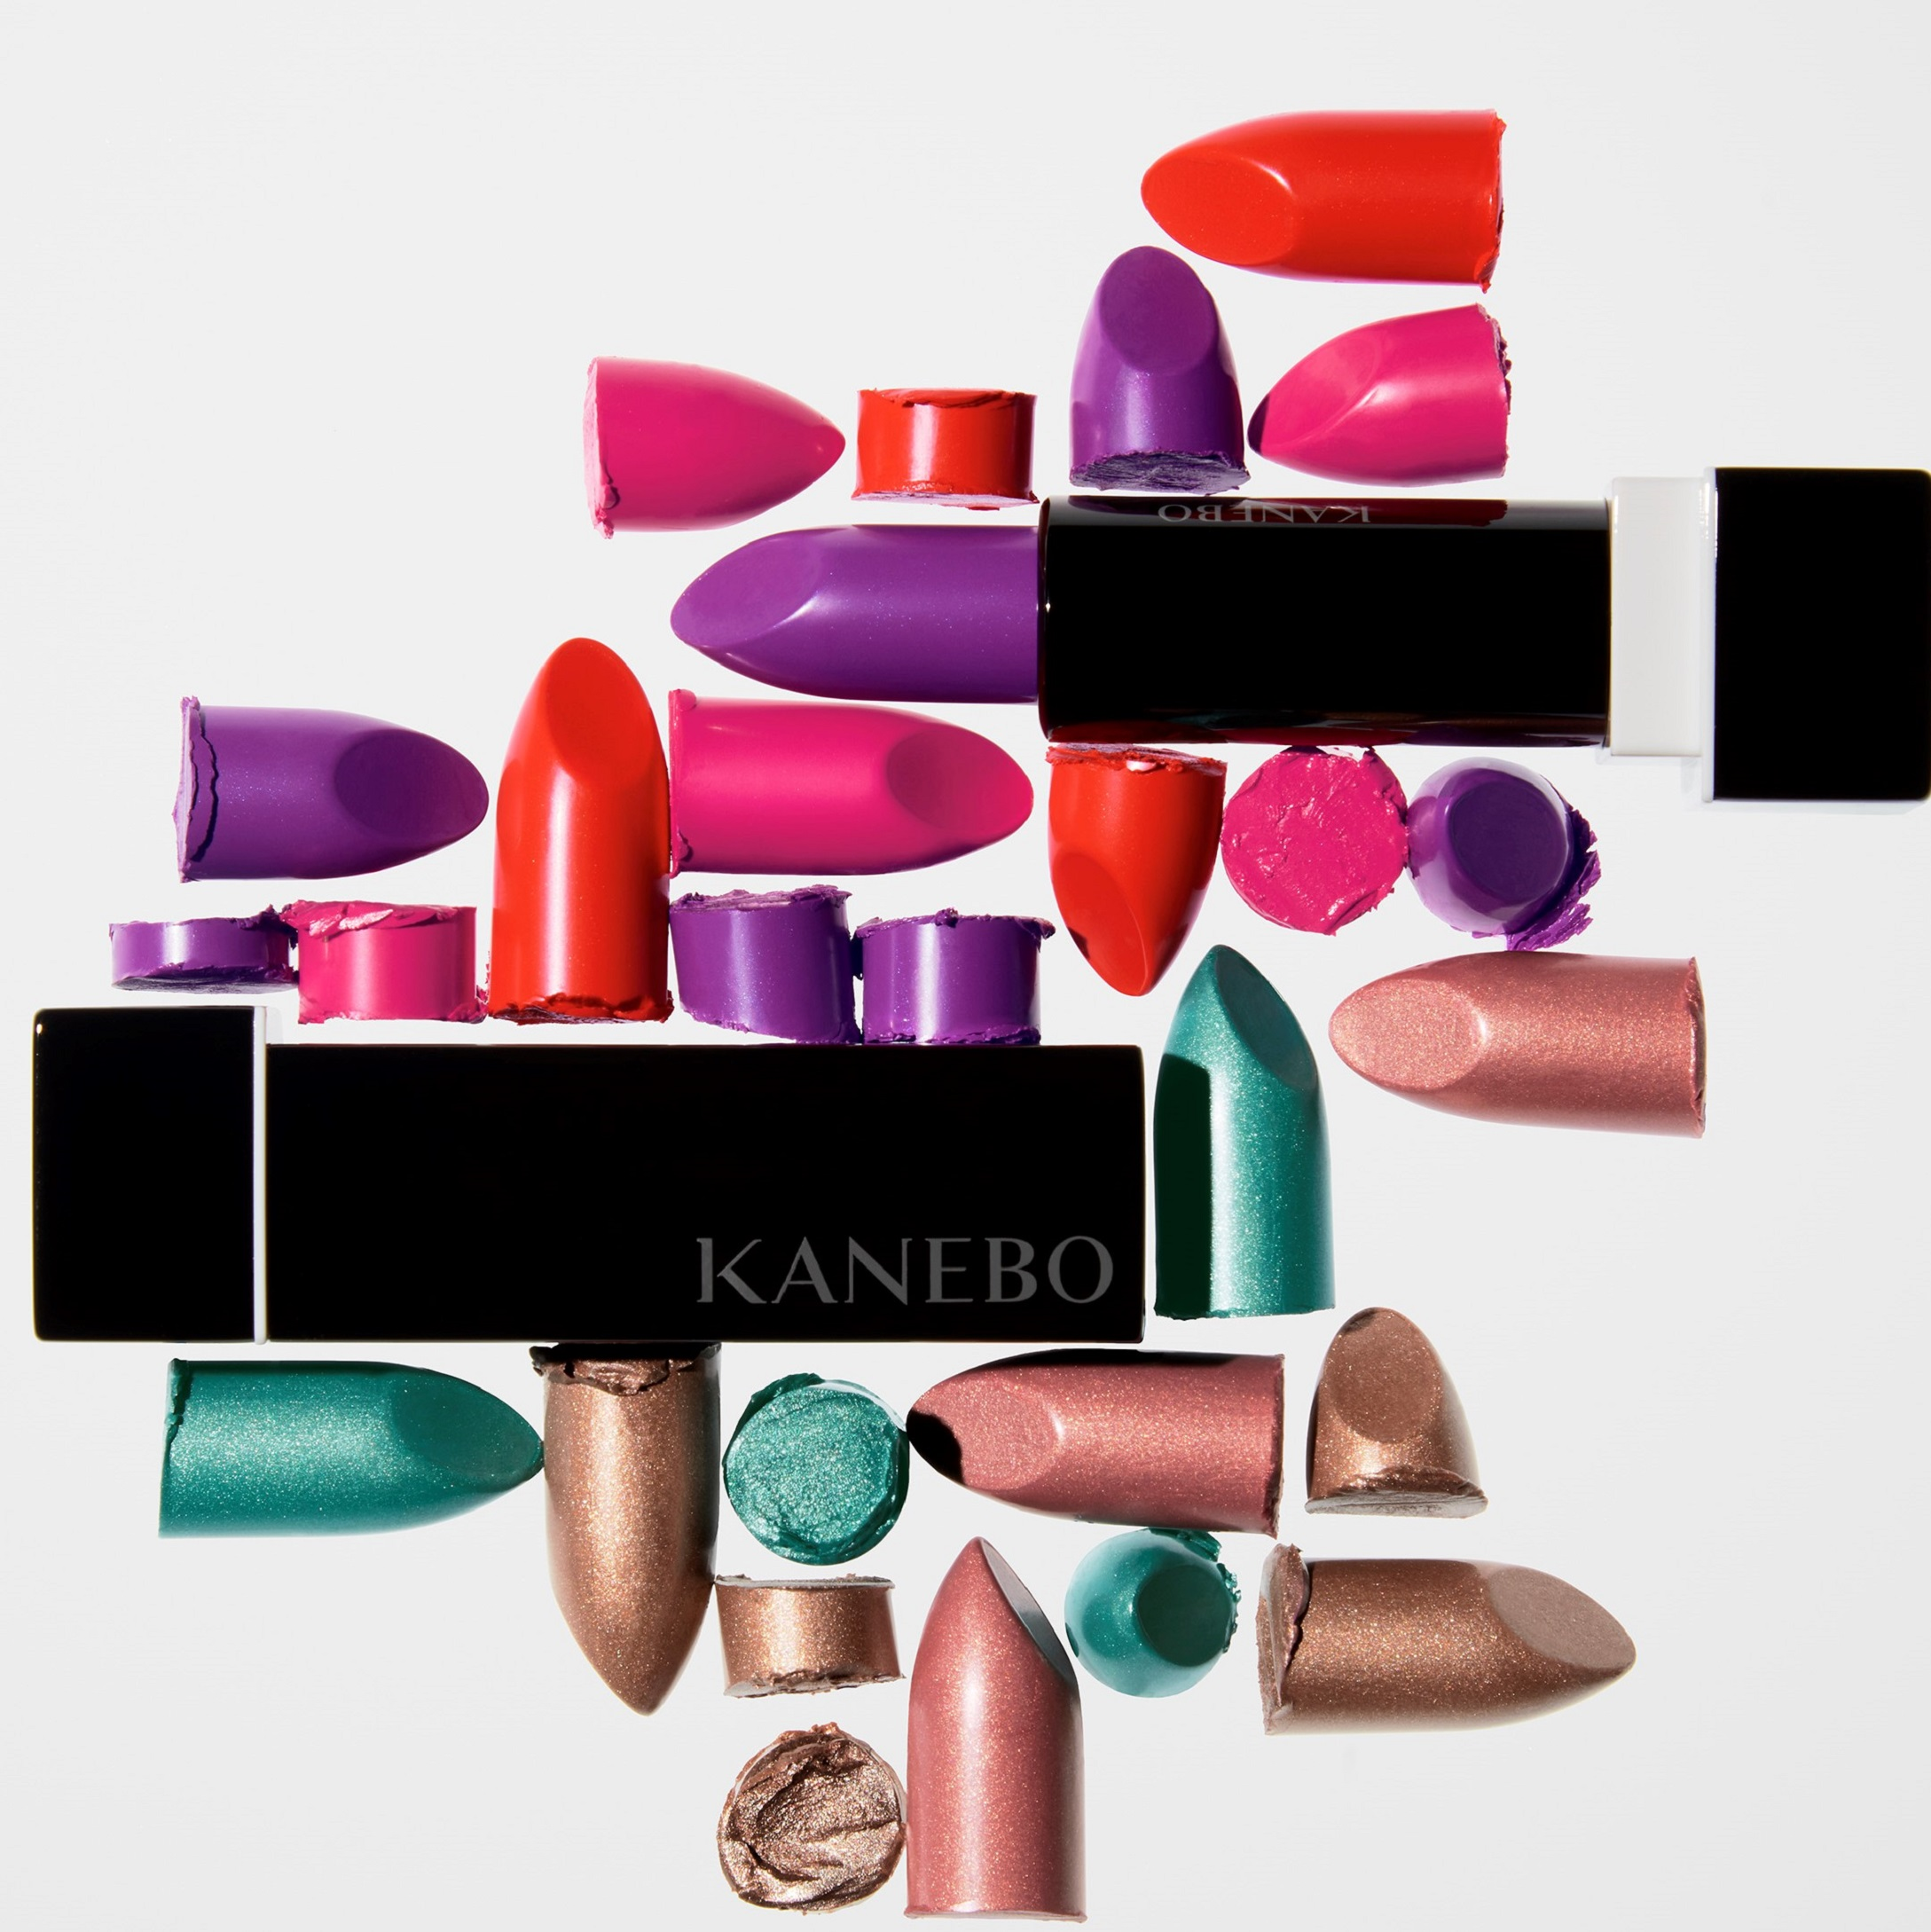 もっとキレイになれる、春リップが見つかる☆『KANEBO』のポップアップイベントで、デジタルカラー診断にトライ_3